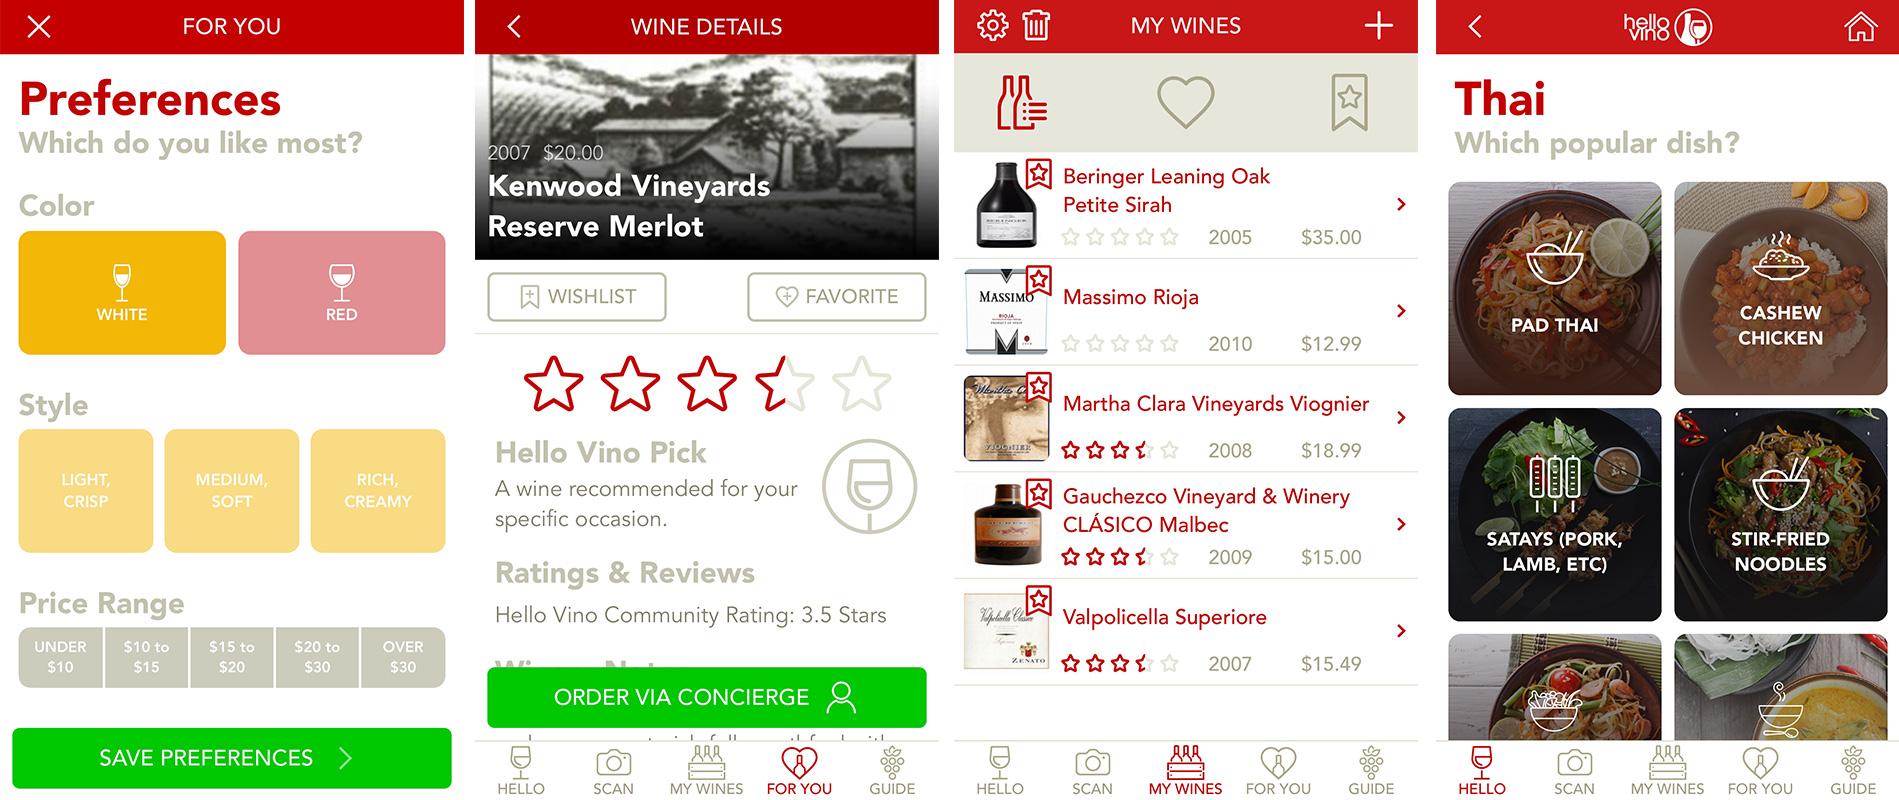 Hello Vino Wine Phone App